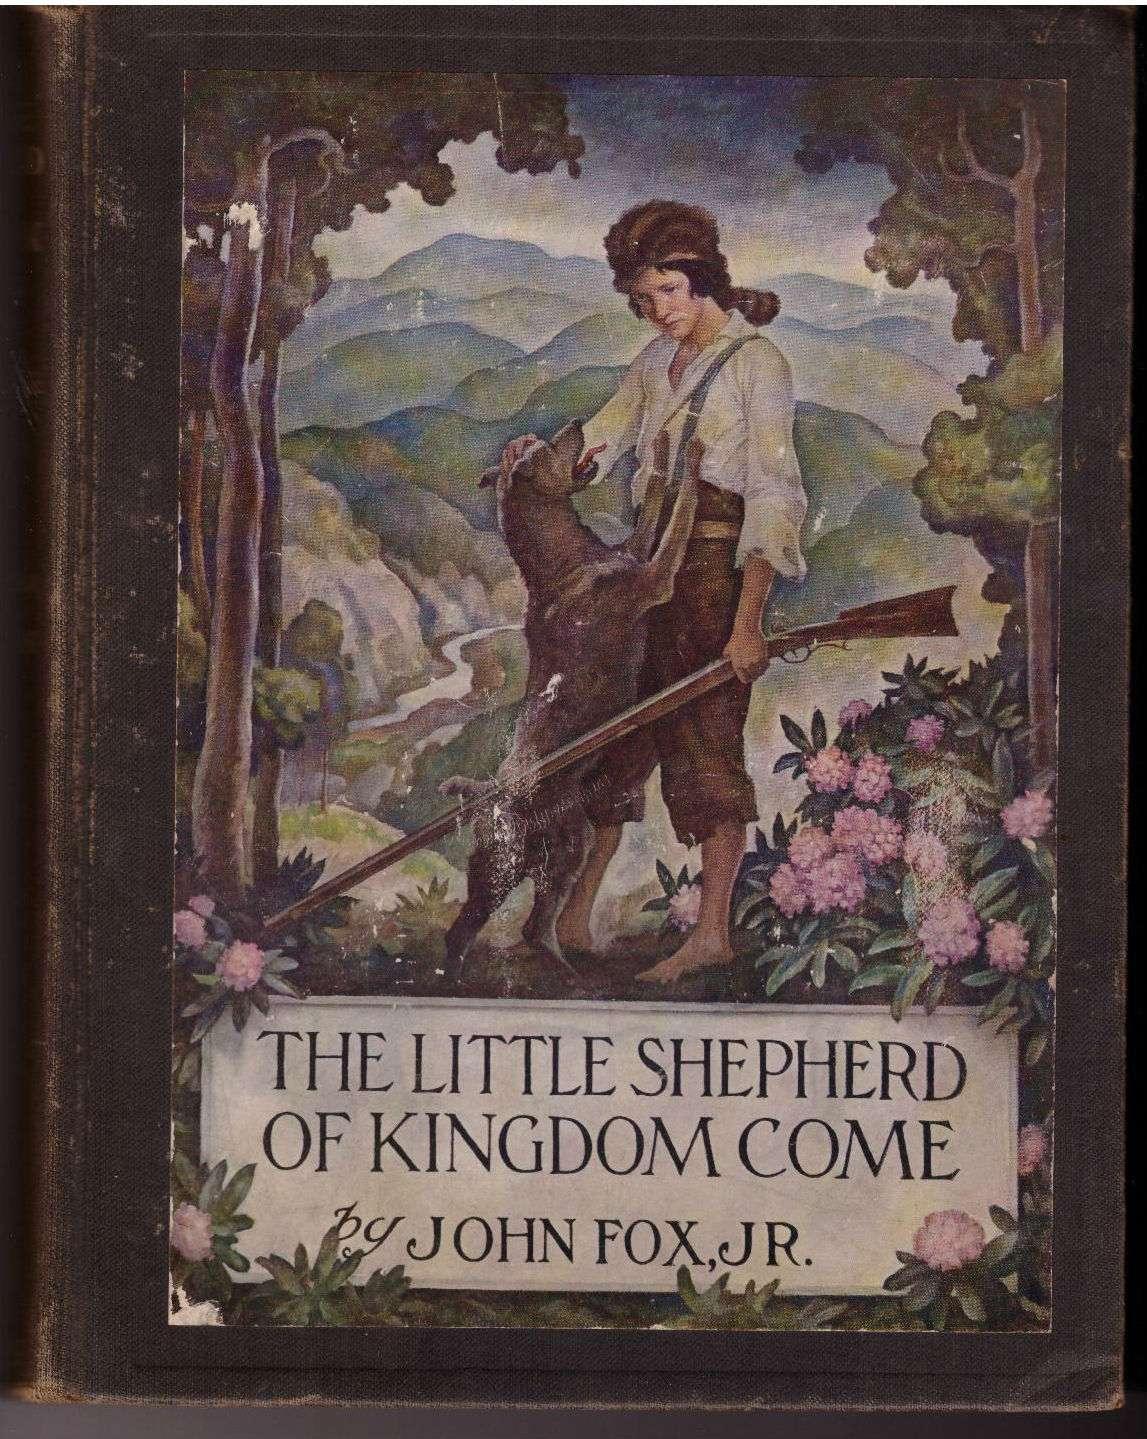 The Little Shepard of Kingdom Come, John Fox, Jr.